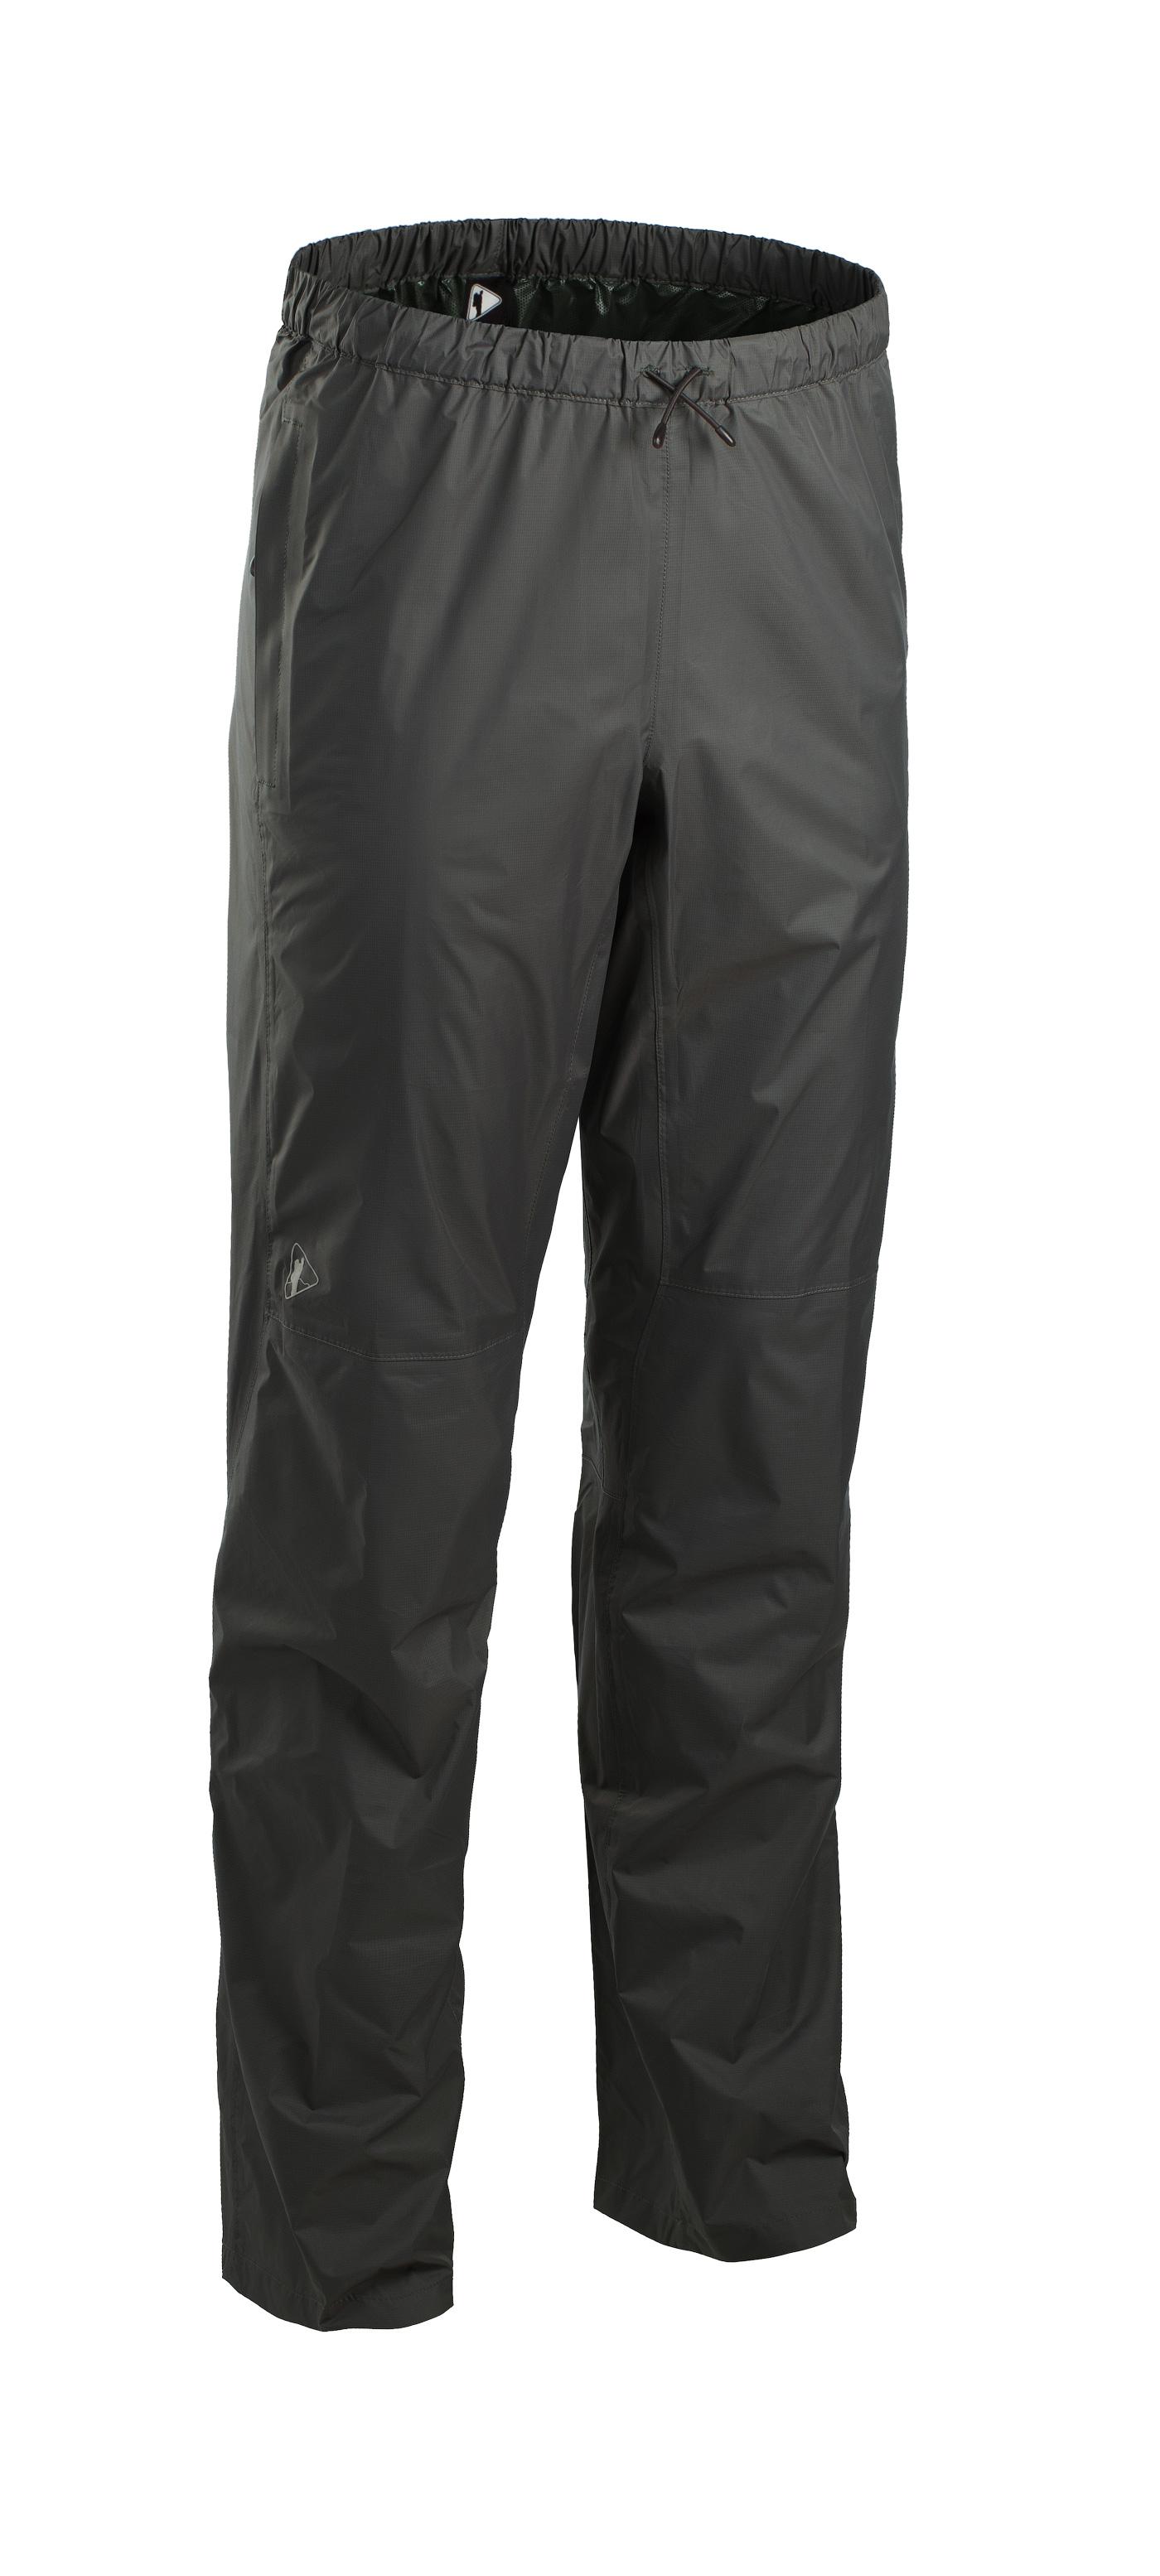 Мембранные брюки BASK UNISTORM PNT черные, Демисезонные брюки - арт. 162500350